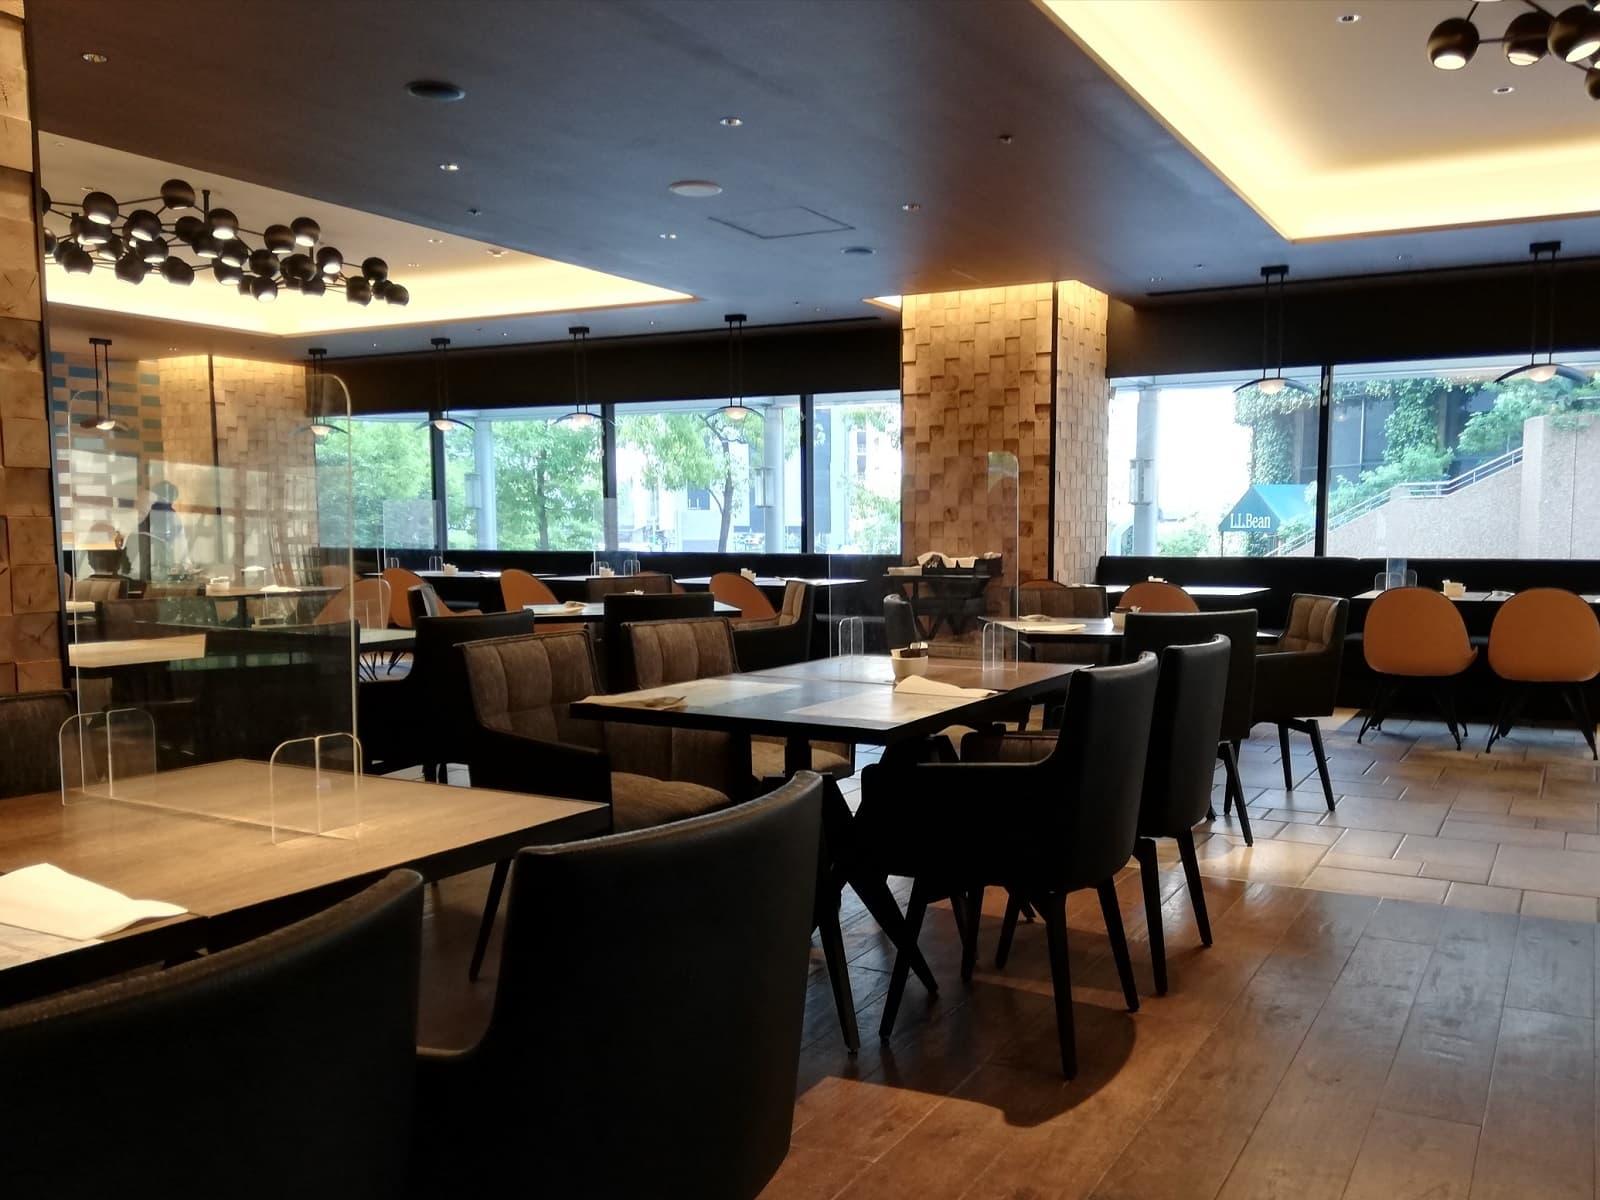 ヒルトン大阪のスイーツビュッフェの実施レストラン、フォルクキッチンの店内